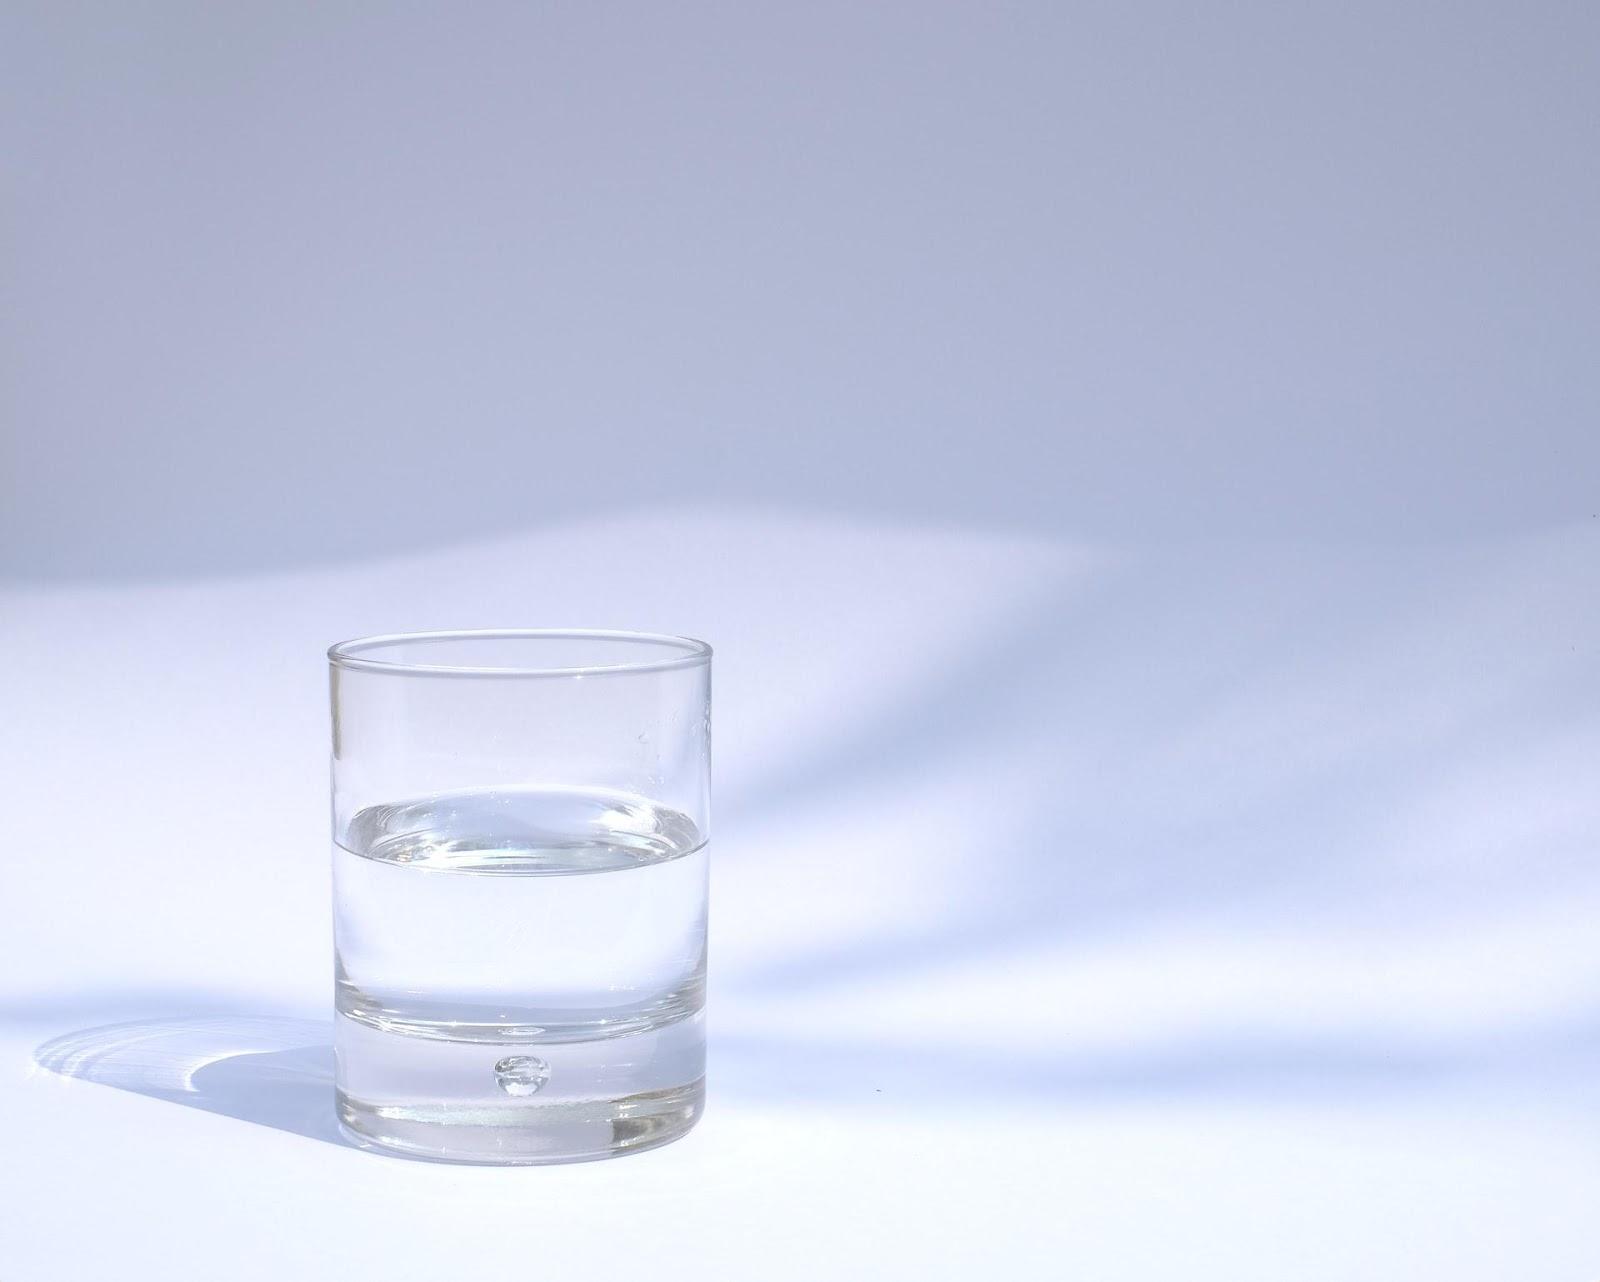 El agua de mineralización muy débil es perfecta para preparar alimentos infantiles